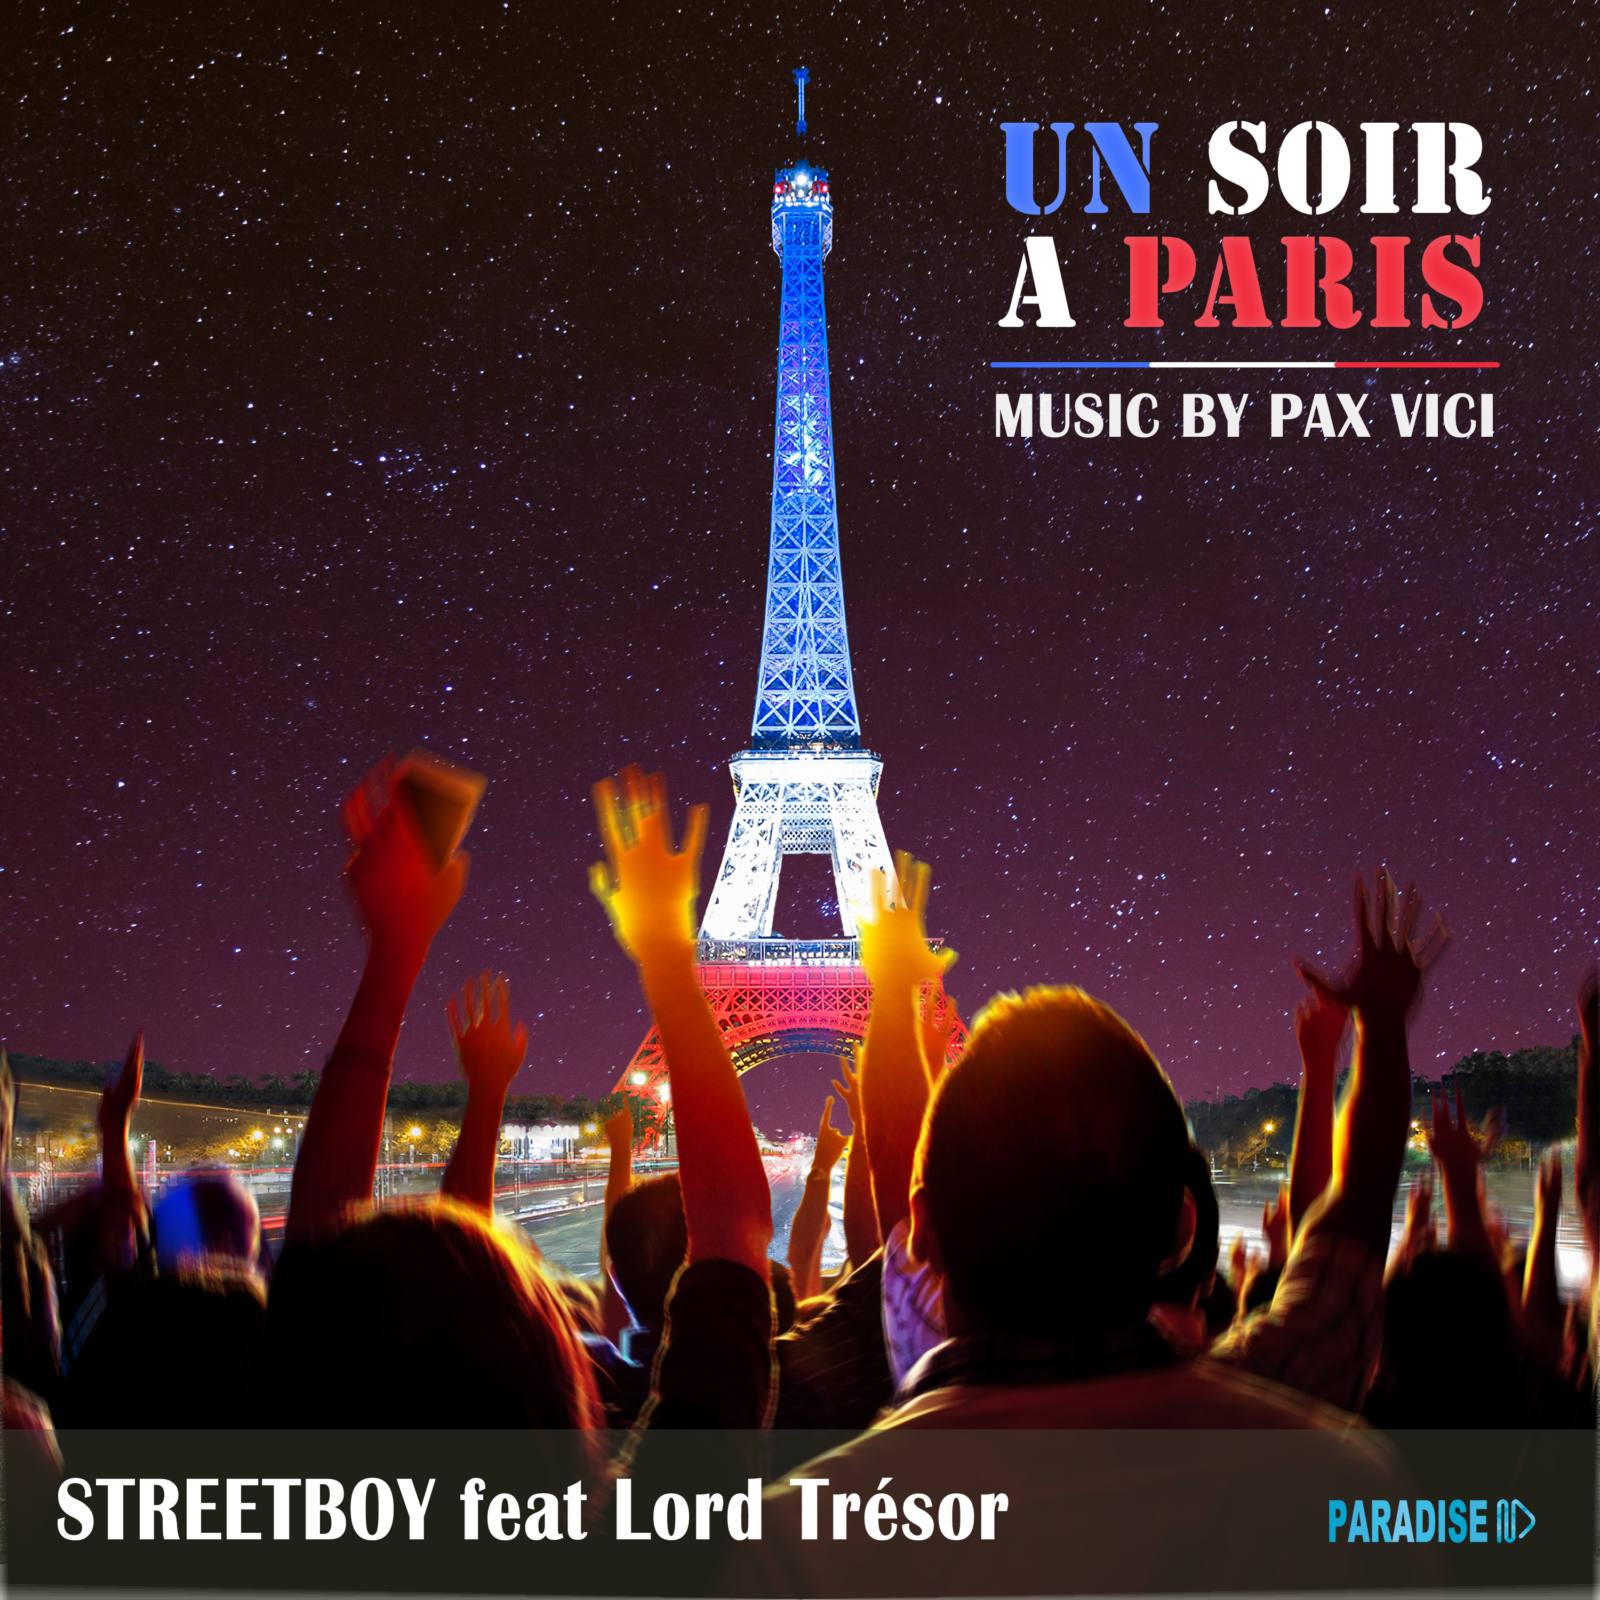 Un soir à Paris - Street Boy feat Lord Trésor